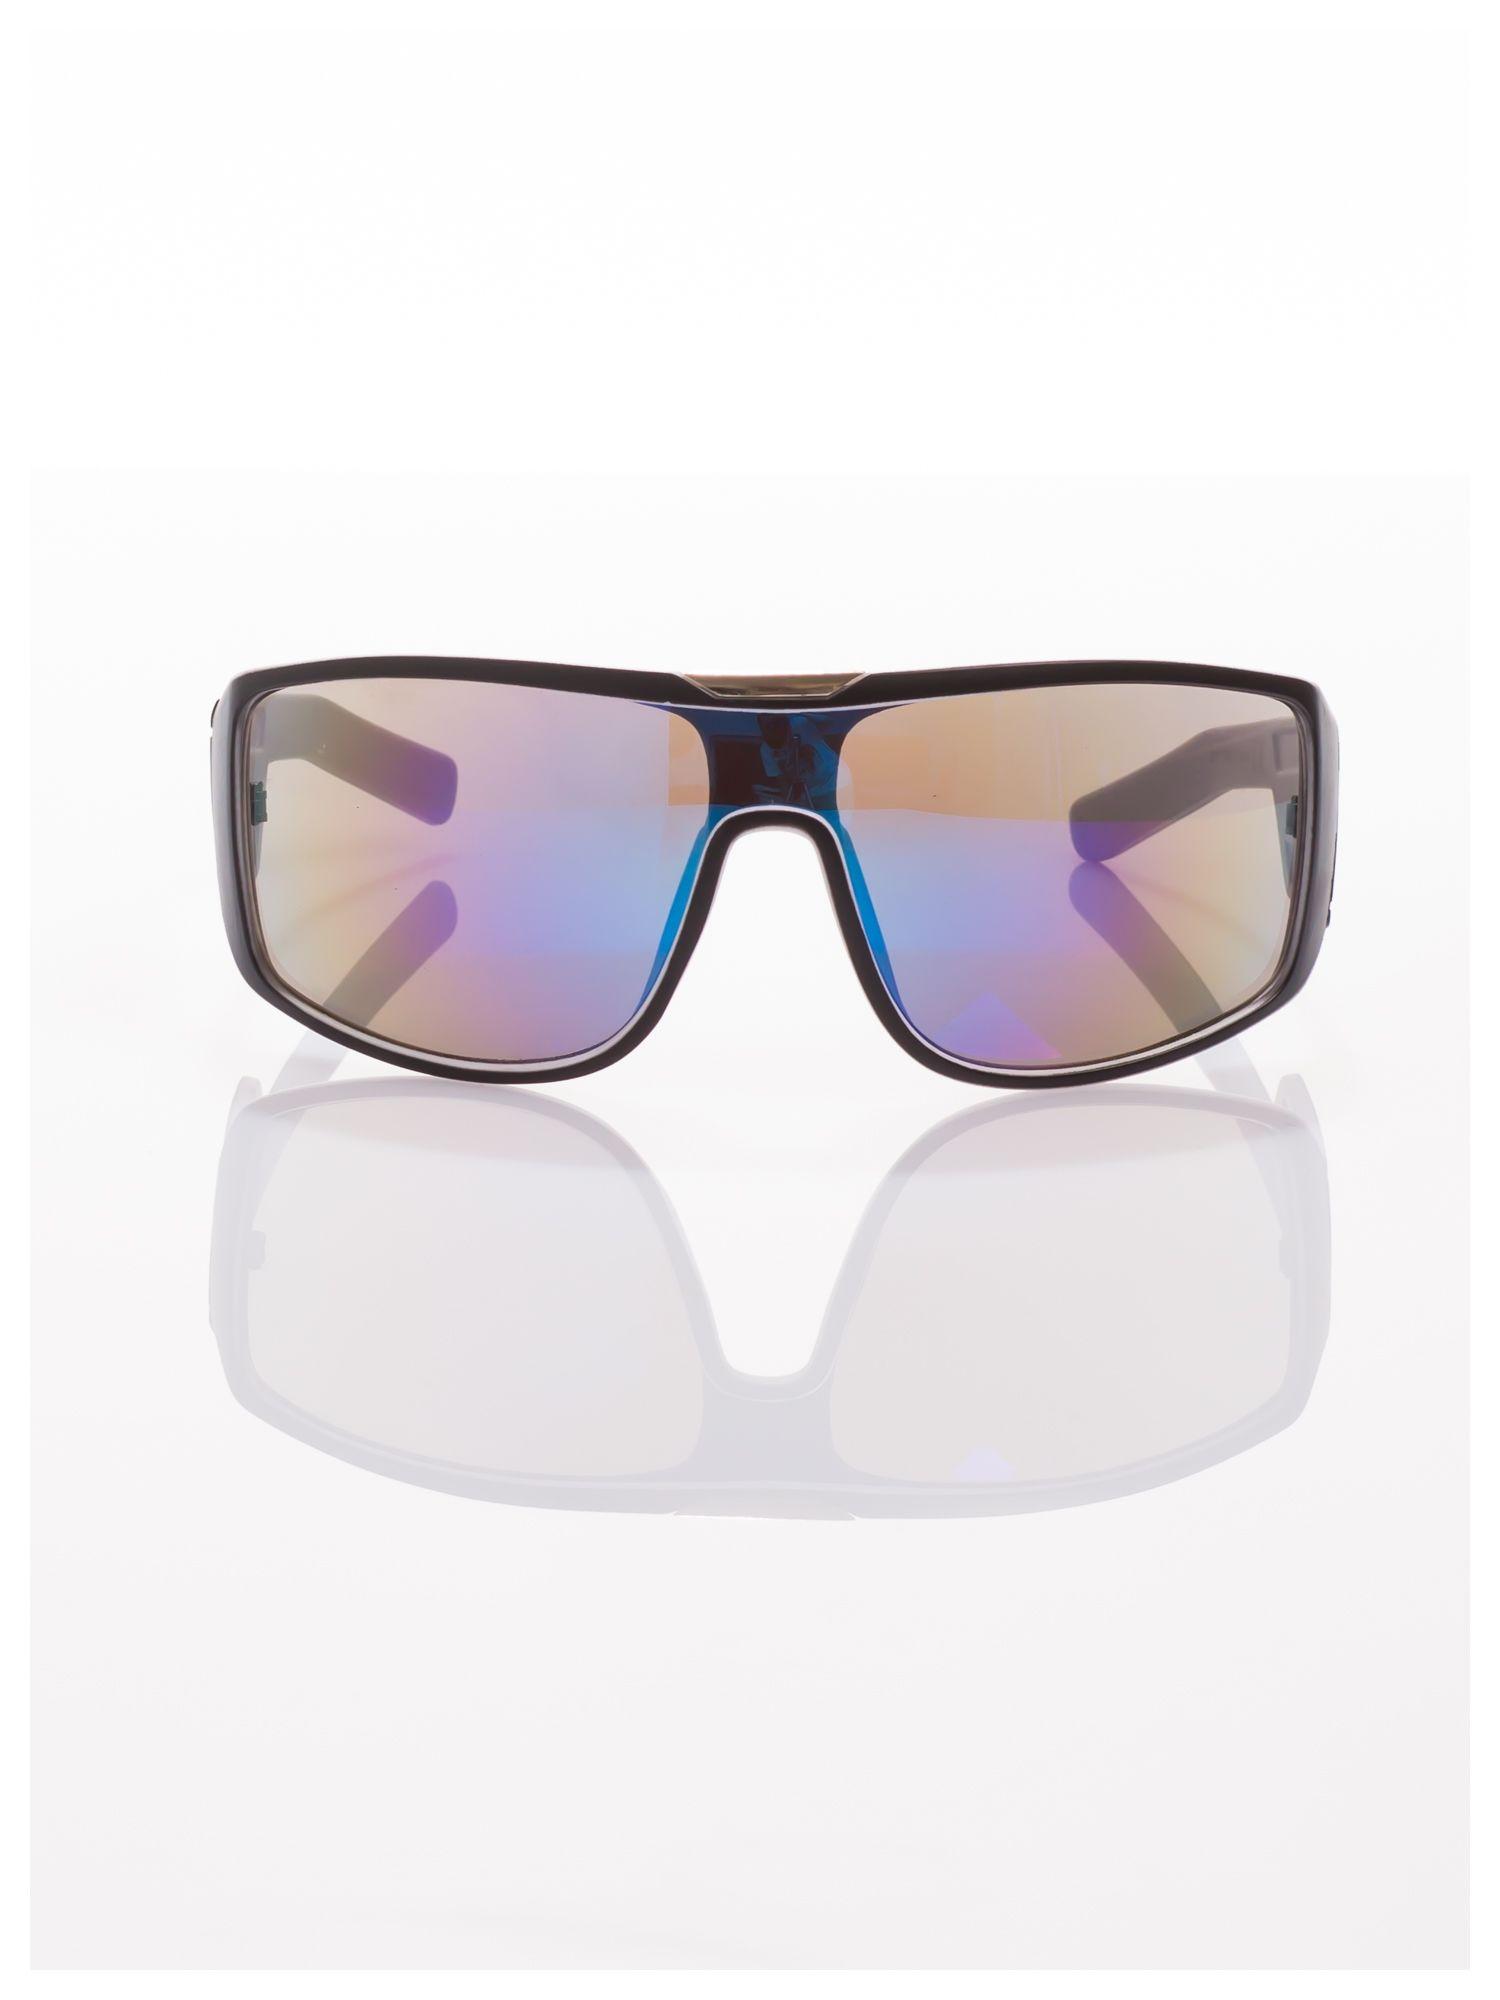 Modne męskie okulary przeciwsłoneczne w stylu Beckhamki                                   zdj.                                  3